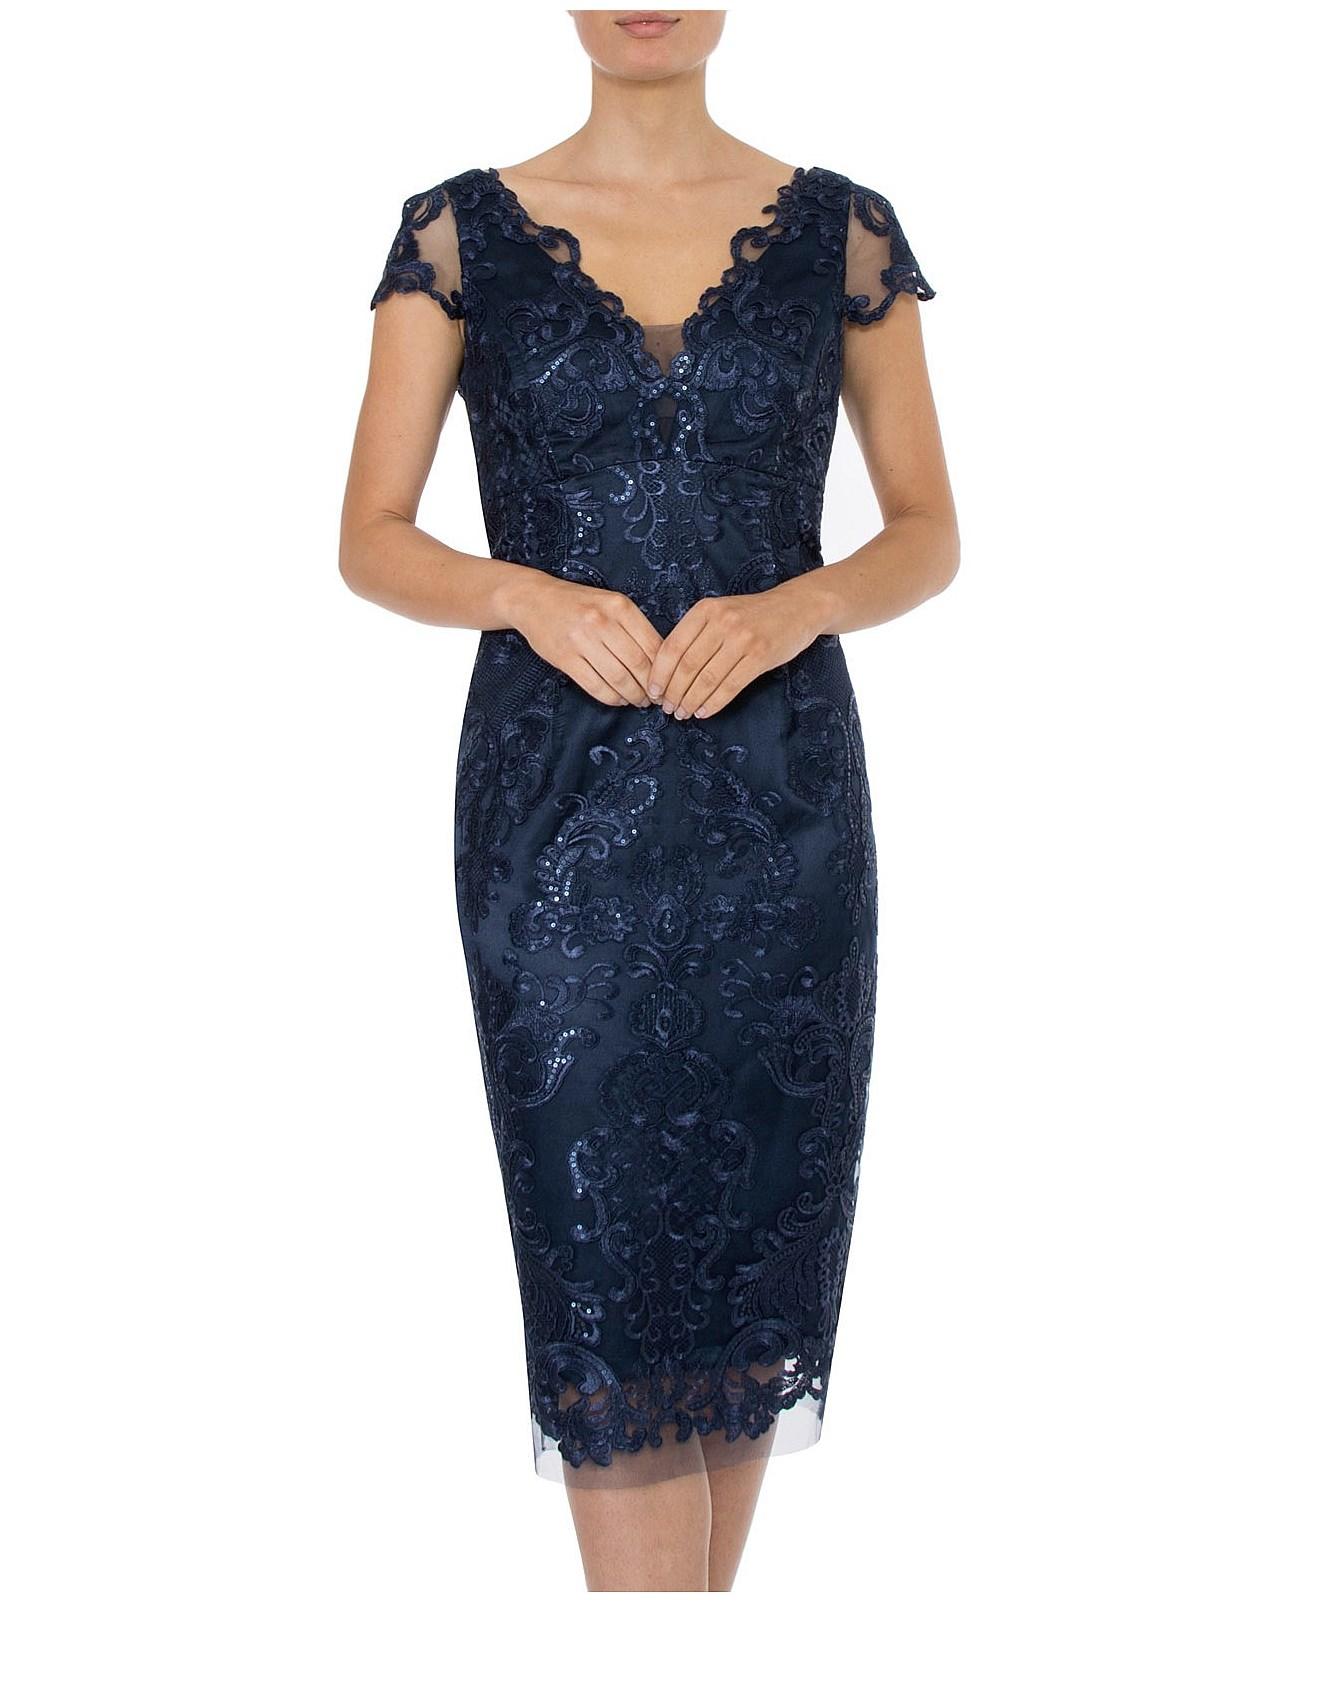 800d28f8c06 Buy Long Dresses Online Australia - Data Dynamic AG